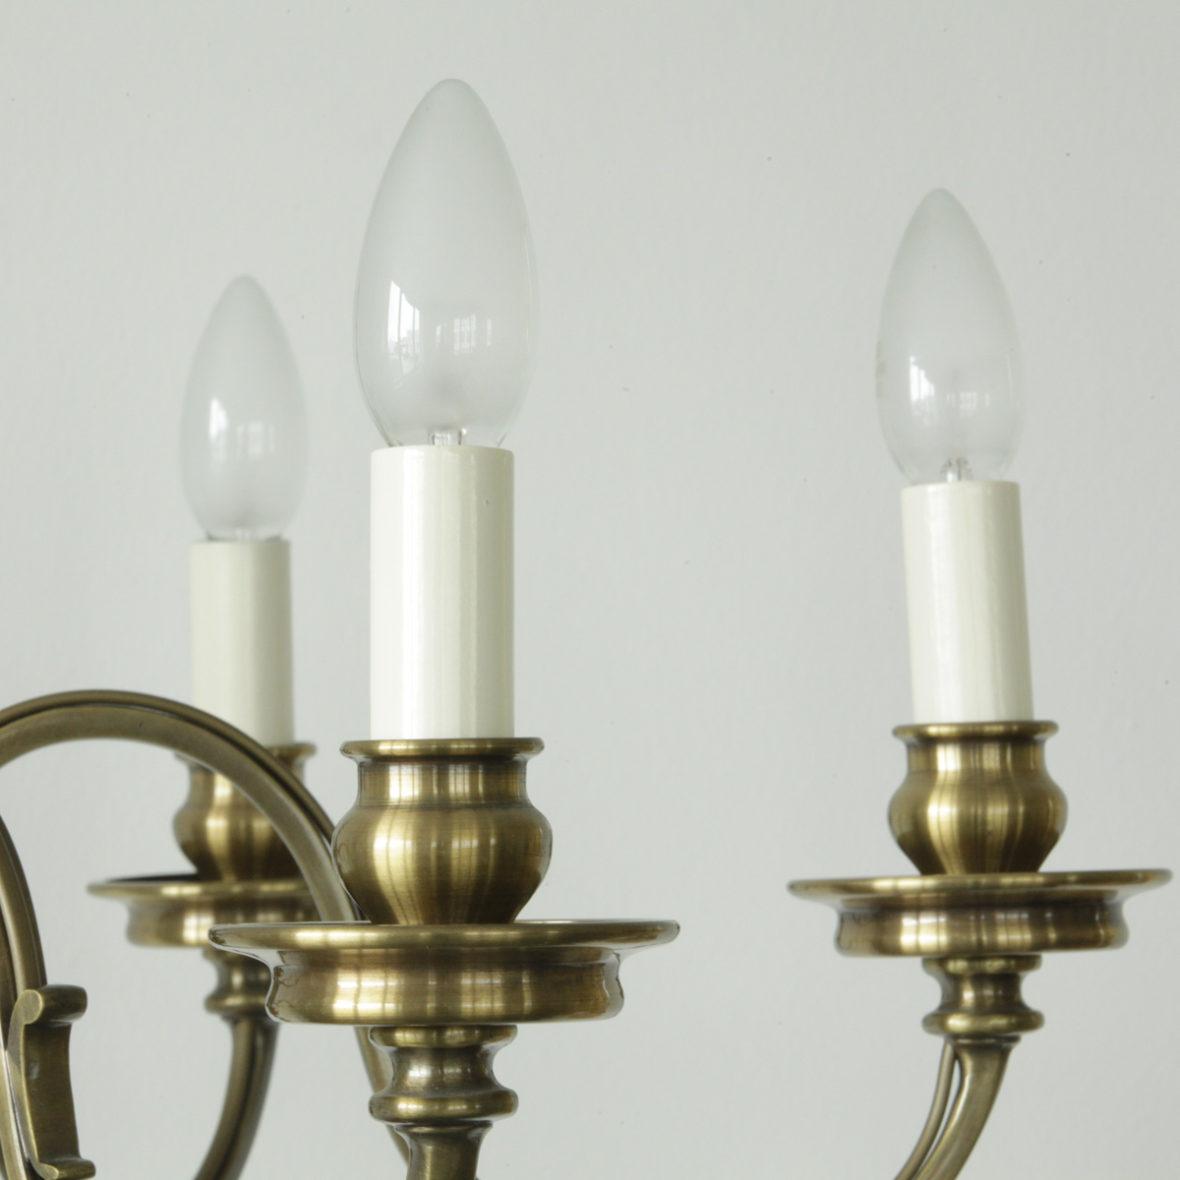 sechsflammiger-empirestil-kronleuchter-kerzen   Lumi Leuchten